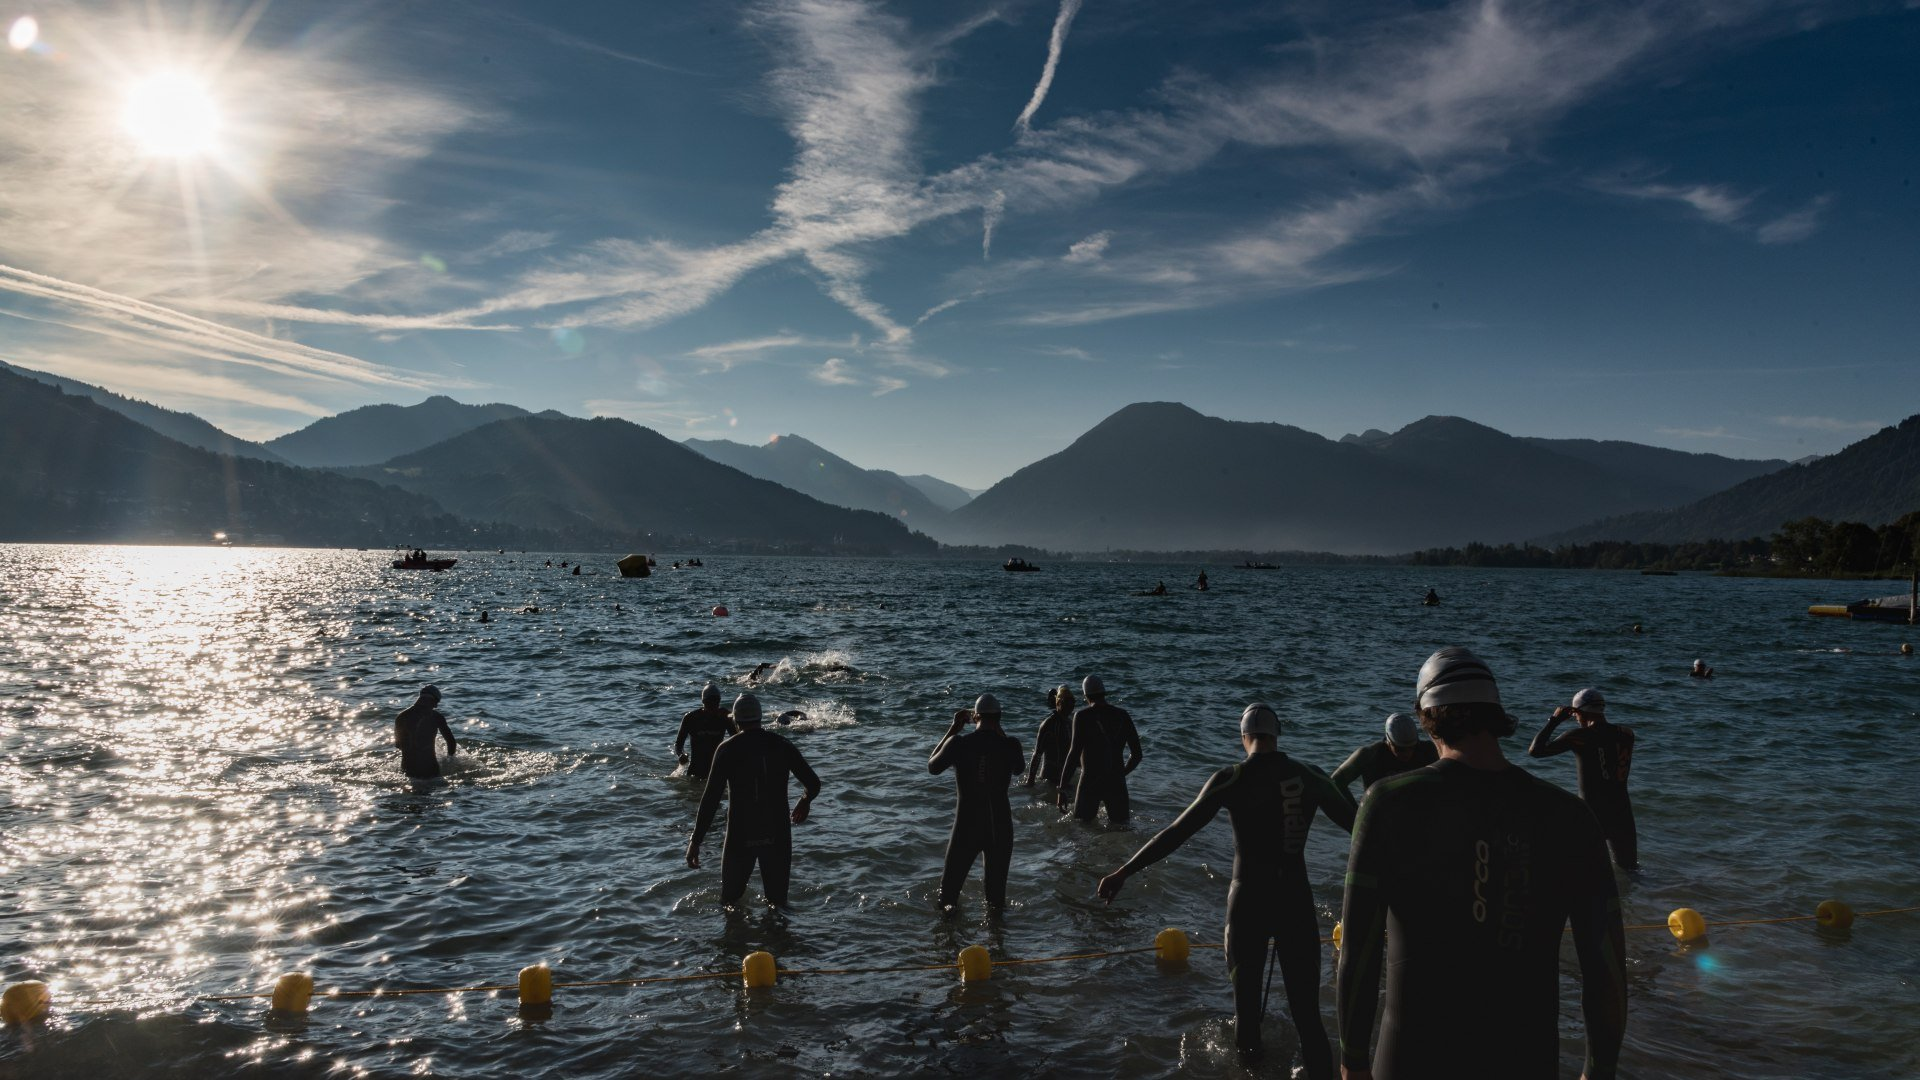 Langstreckenschwimmen Bad Wiessee - Tegernsee